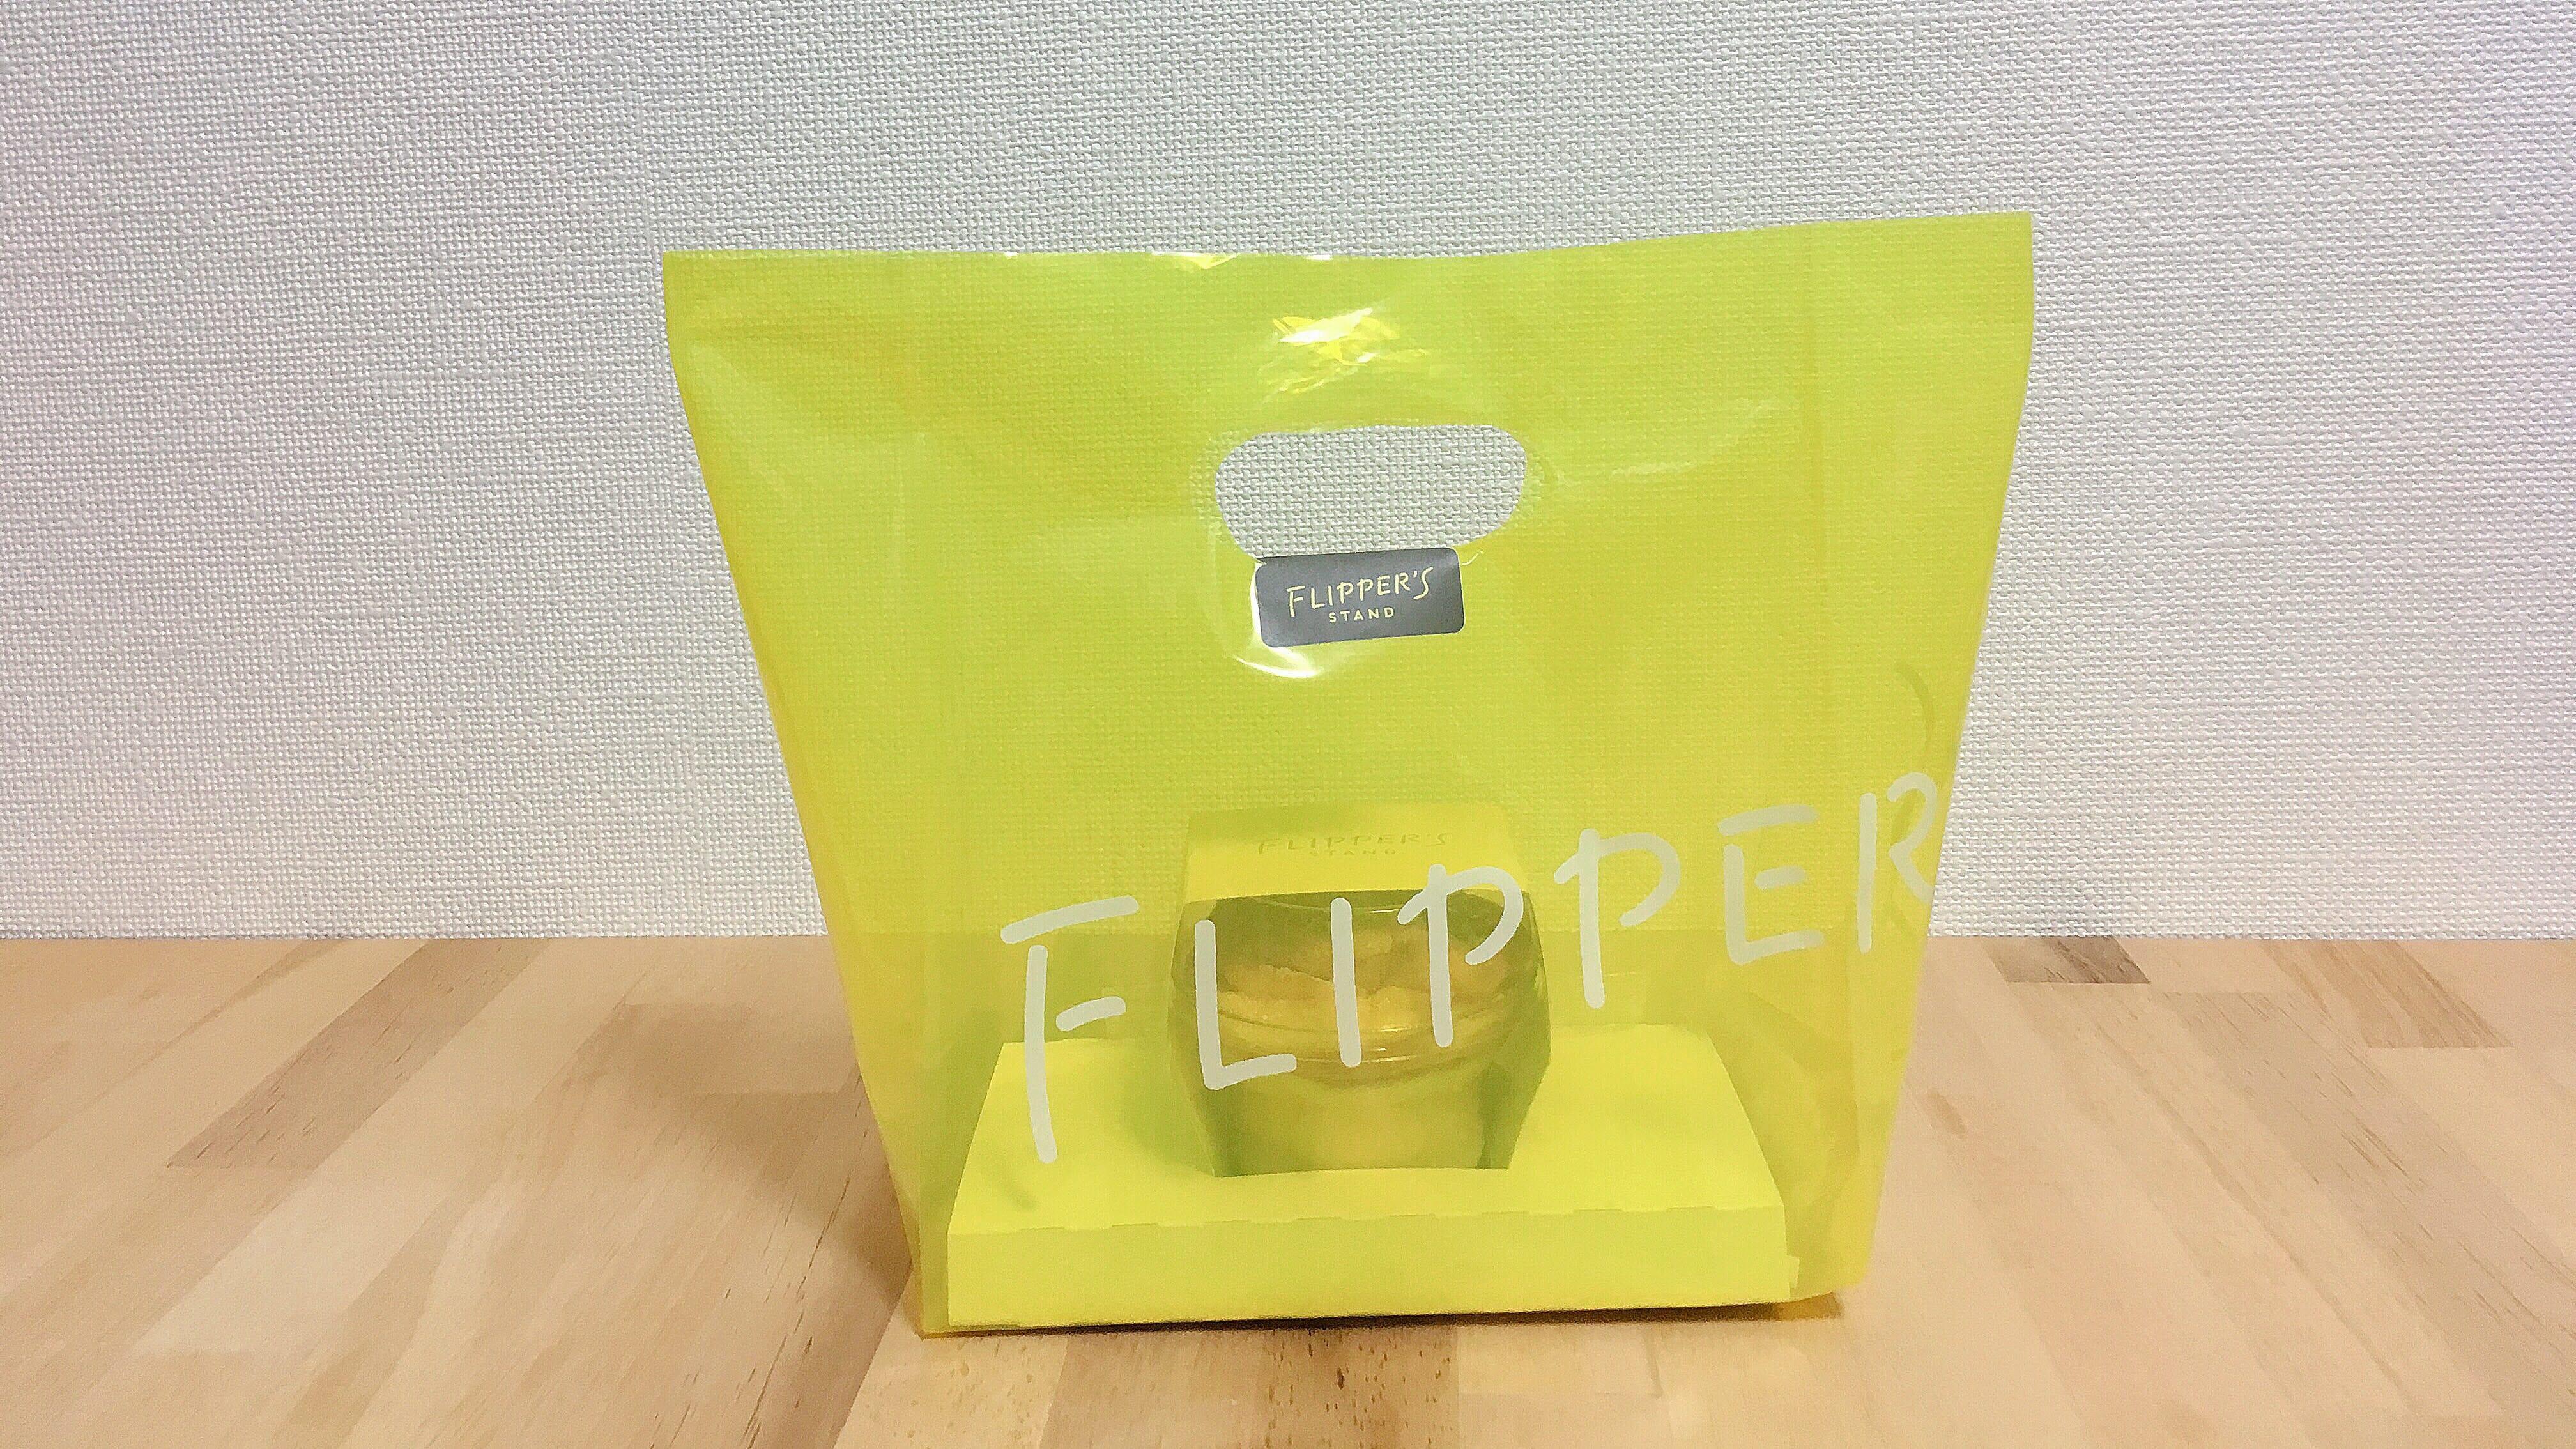 フリッパーズスタンドの奇跡のスフレパンケーキのパッケージやショッパー